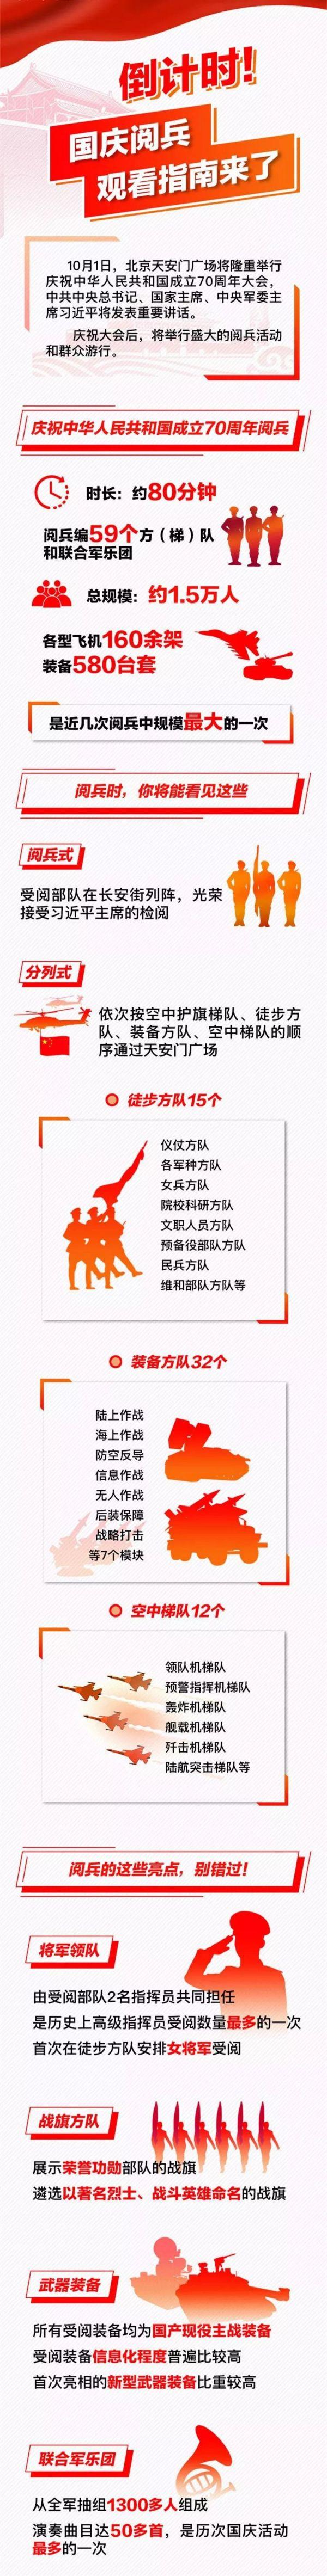 2019新中国成立70周年阅兵最新消息?